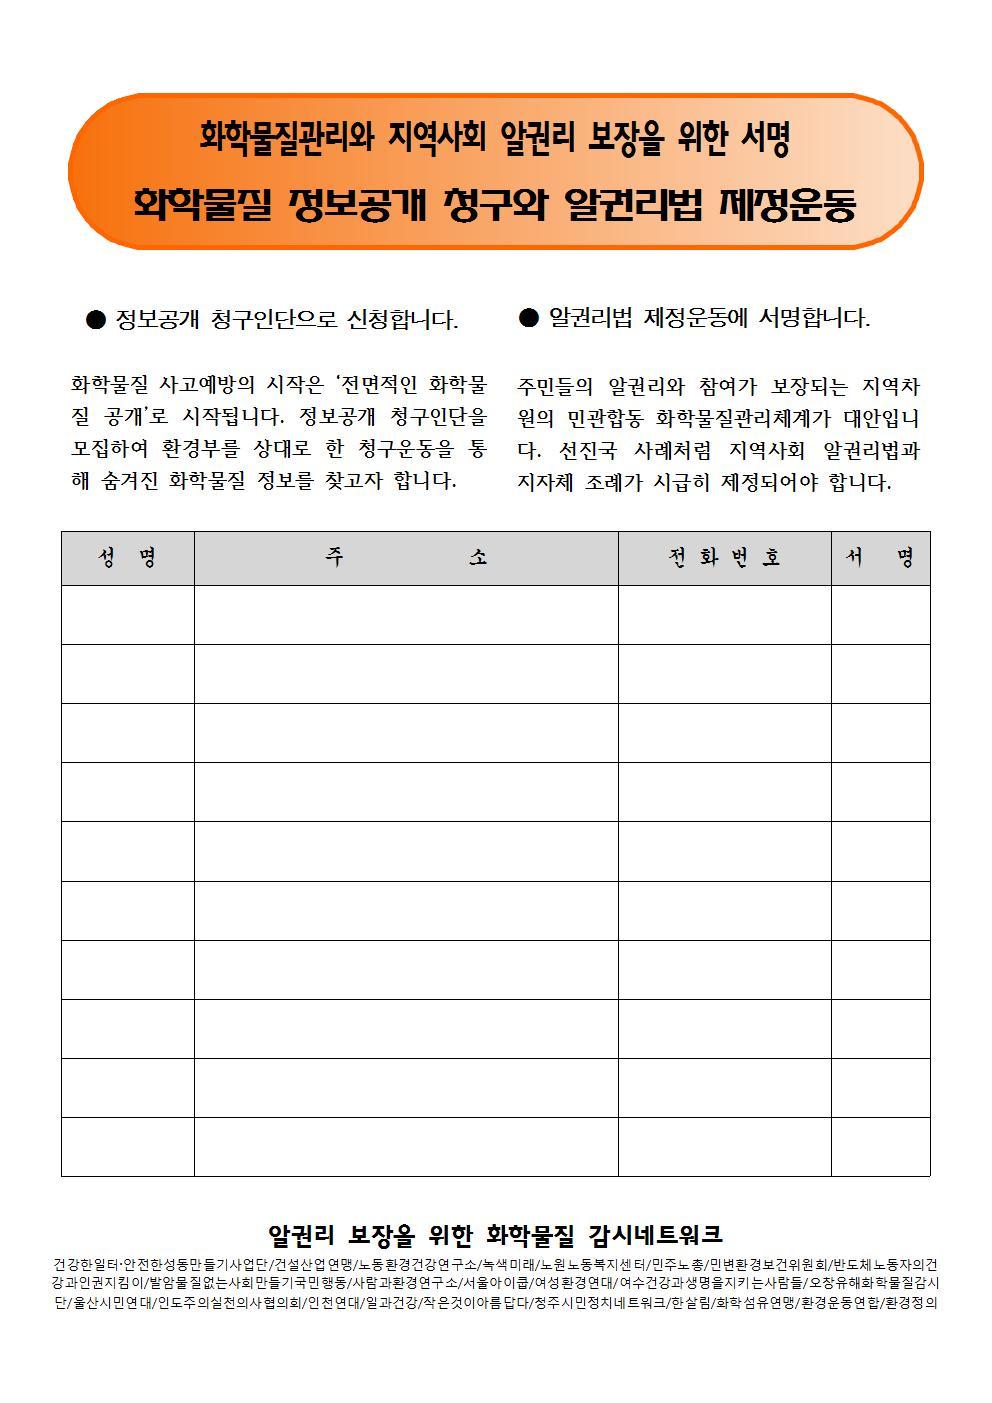 [서명지] 앙대여 캠페인001.jpg